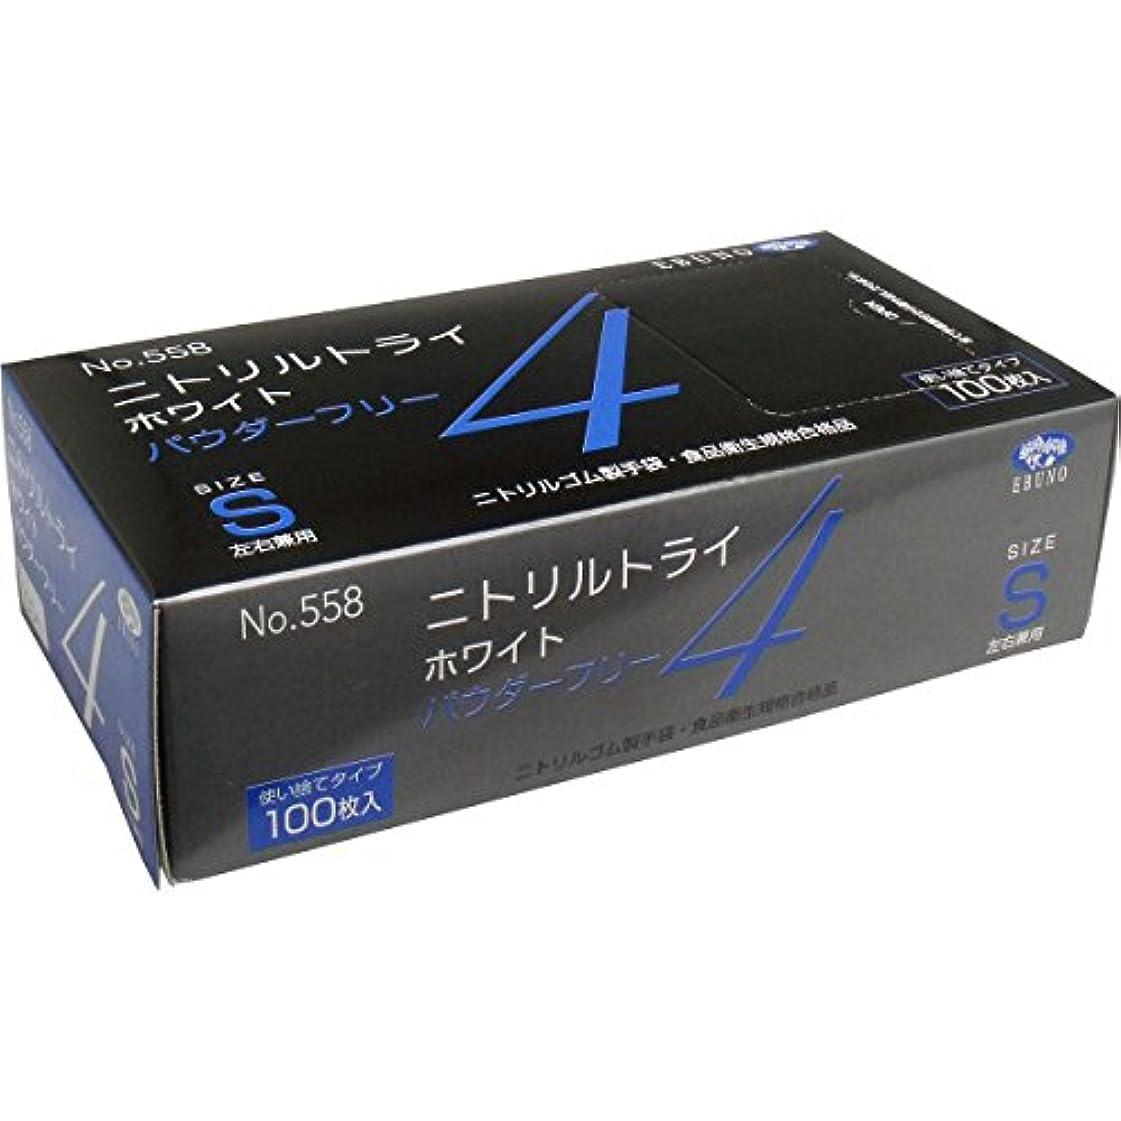 好奇心盛友情ご飯ニトリルトライ4 №558 ホワイト 粉無 Sサイズ 100枚入